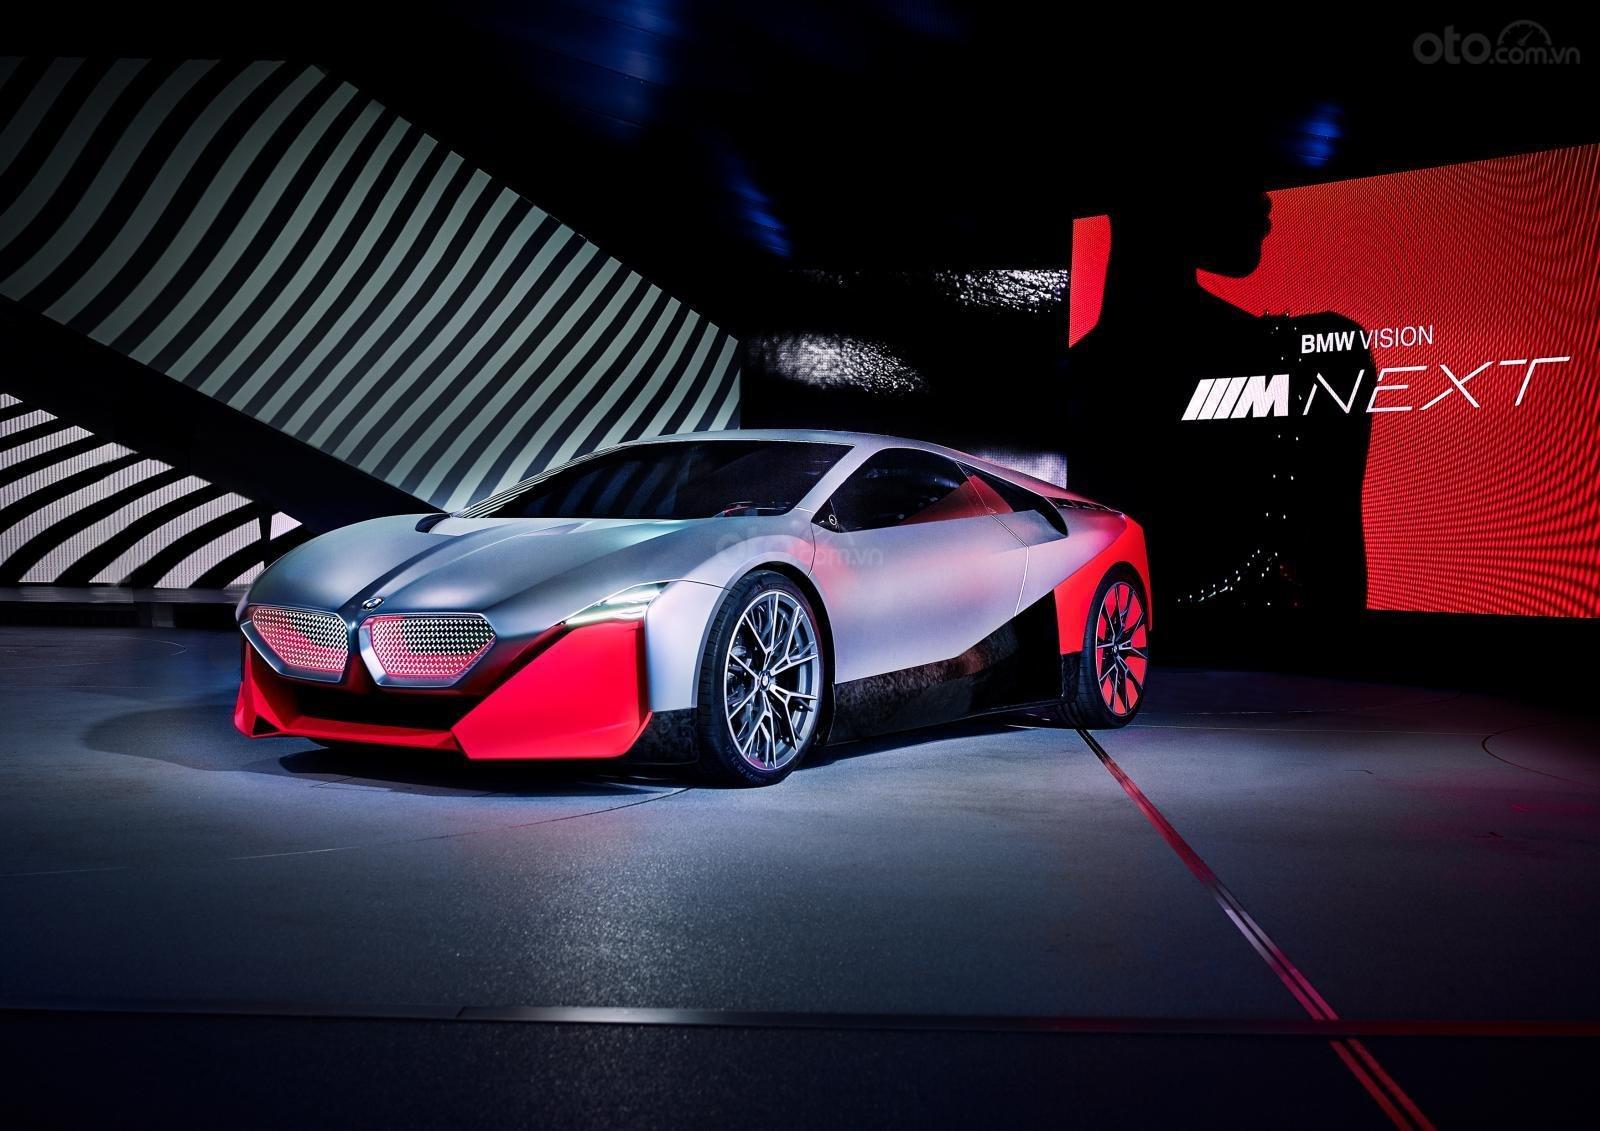 BMW dù có chuyển hướng điện hóa nhưng vẫn tin vào động cơ dầu Diesel